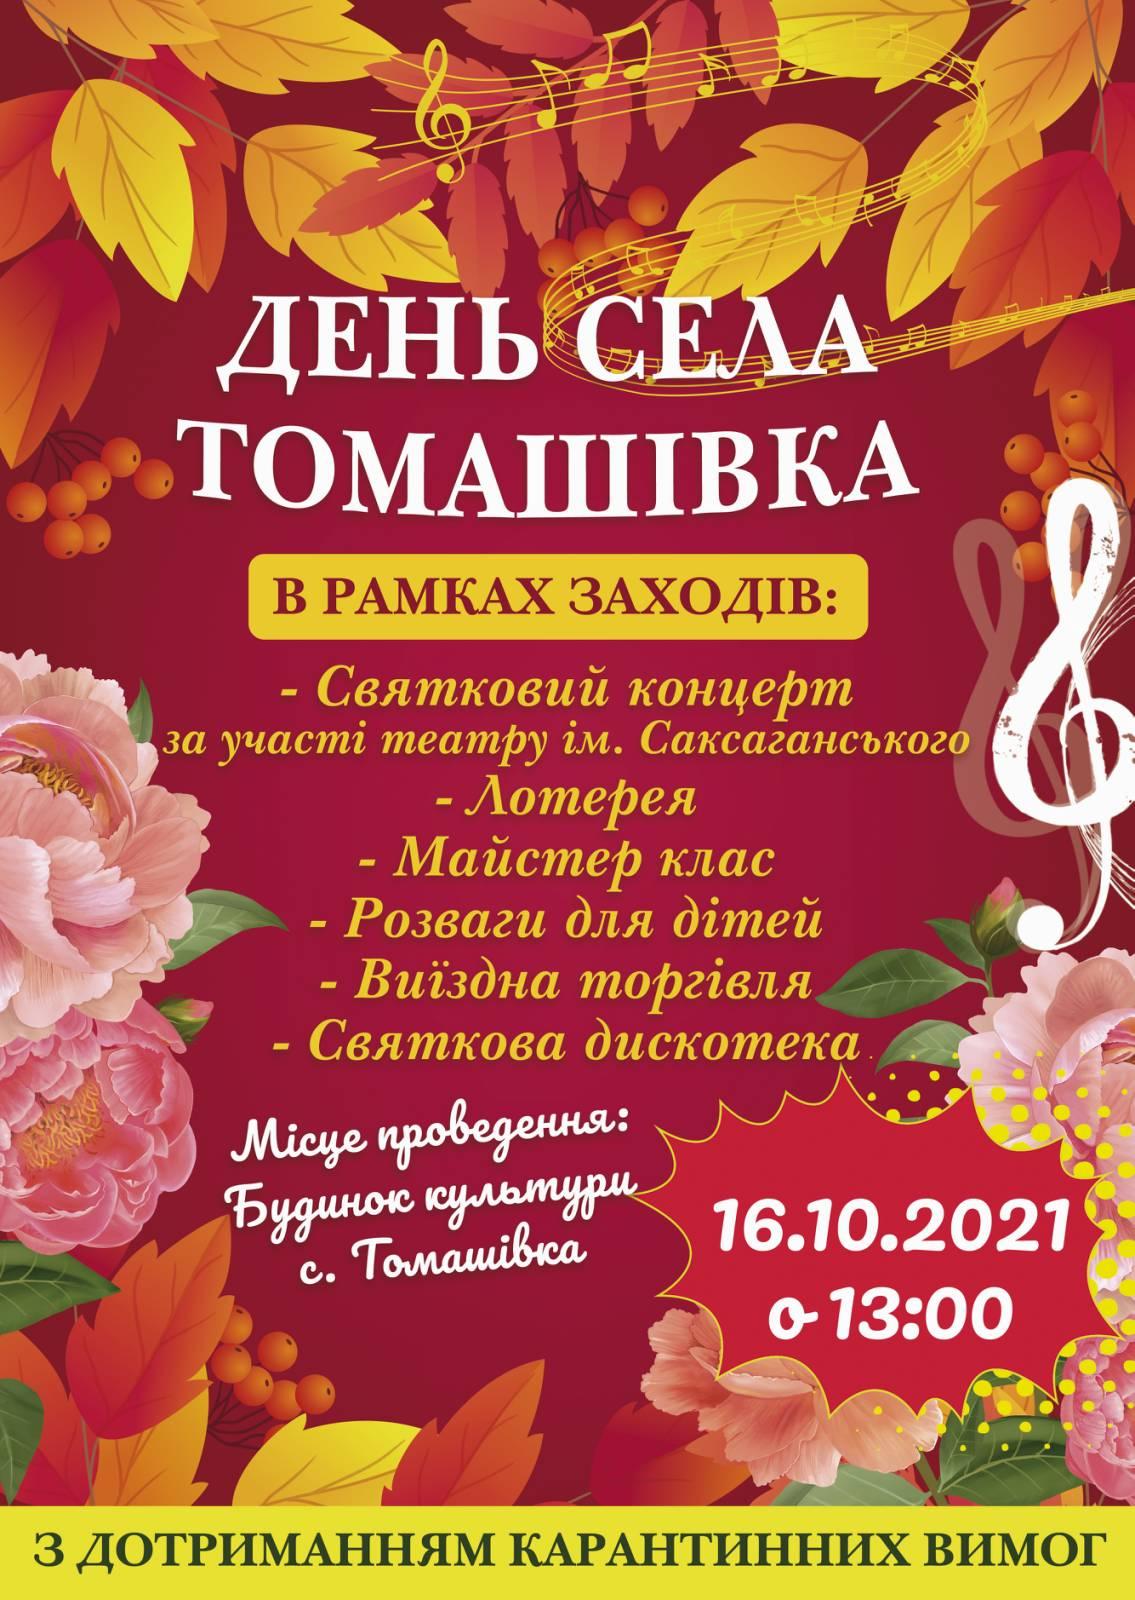 Оголошення до Дня села Томашівка